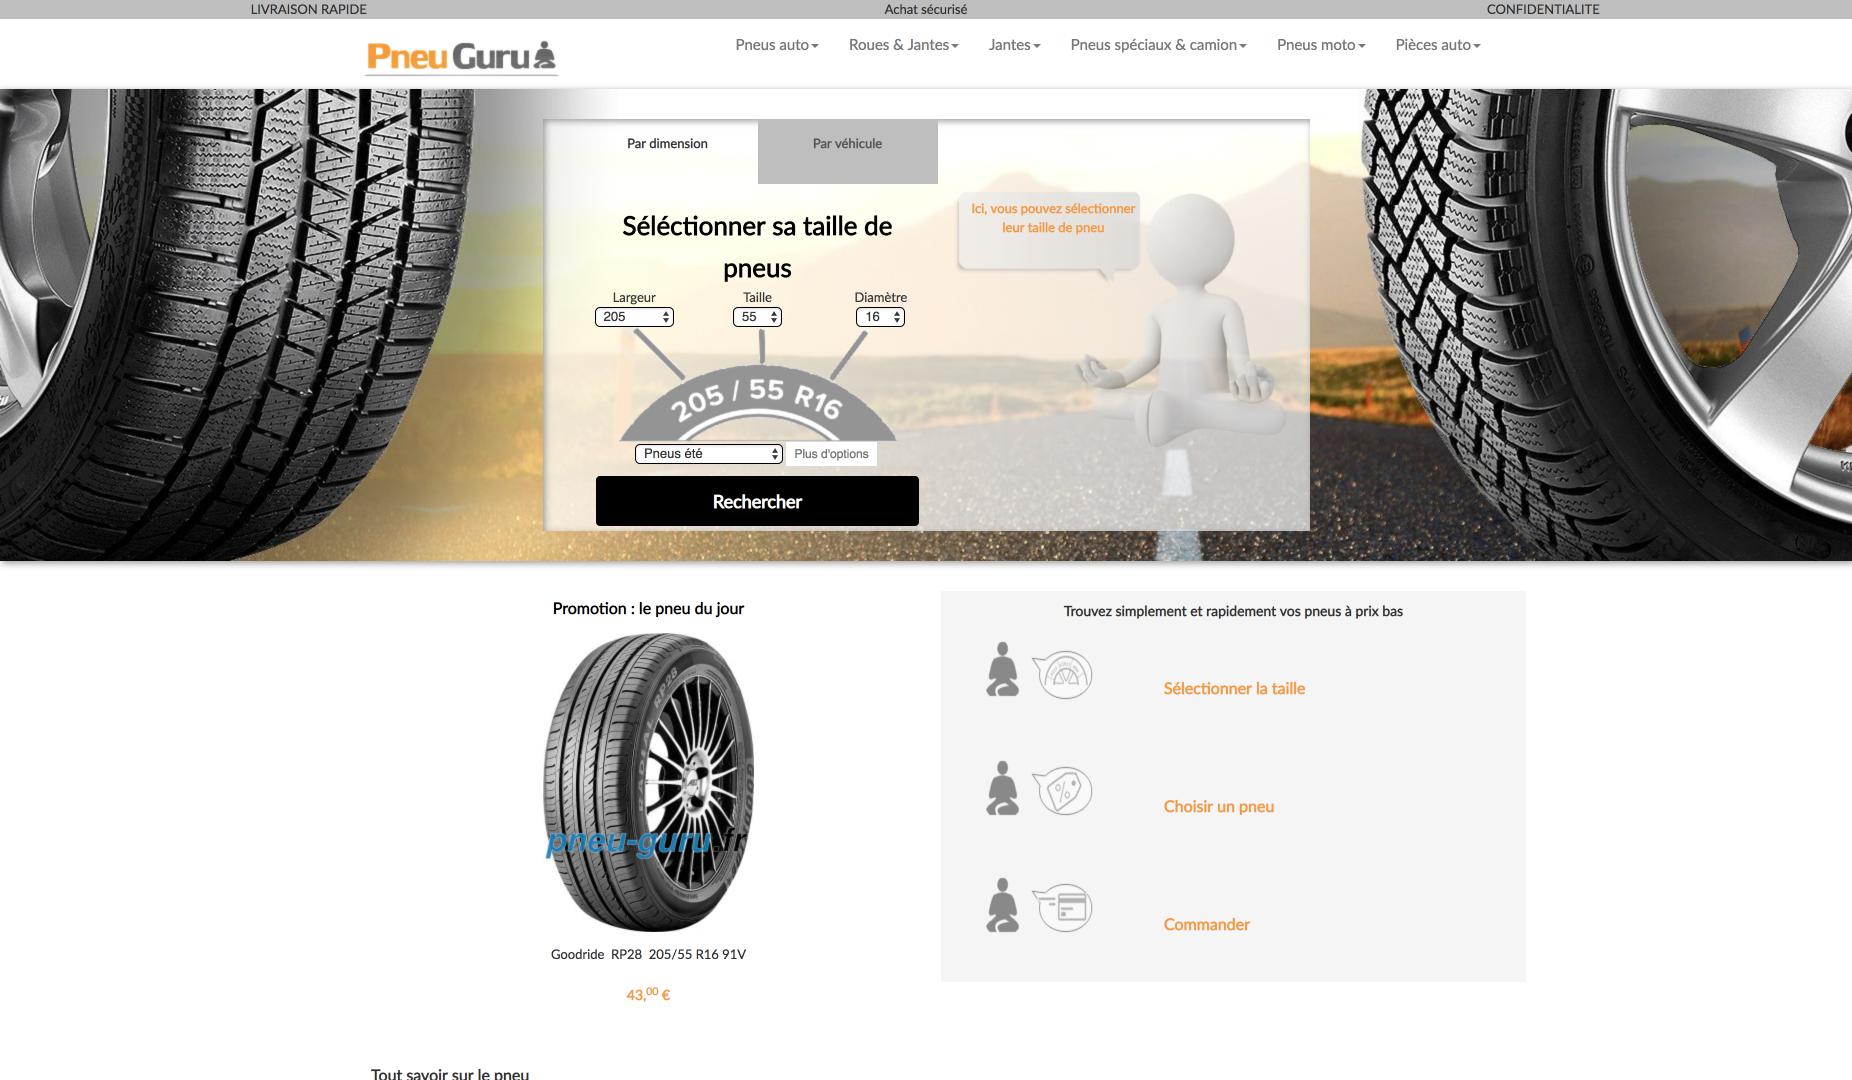 Page d'accueil du site PneuGuru.